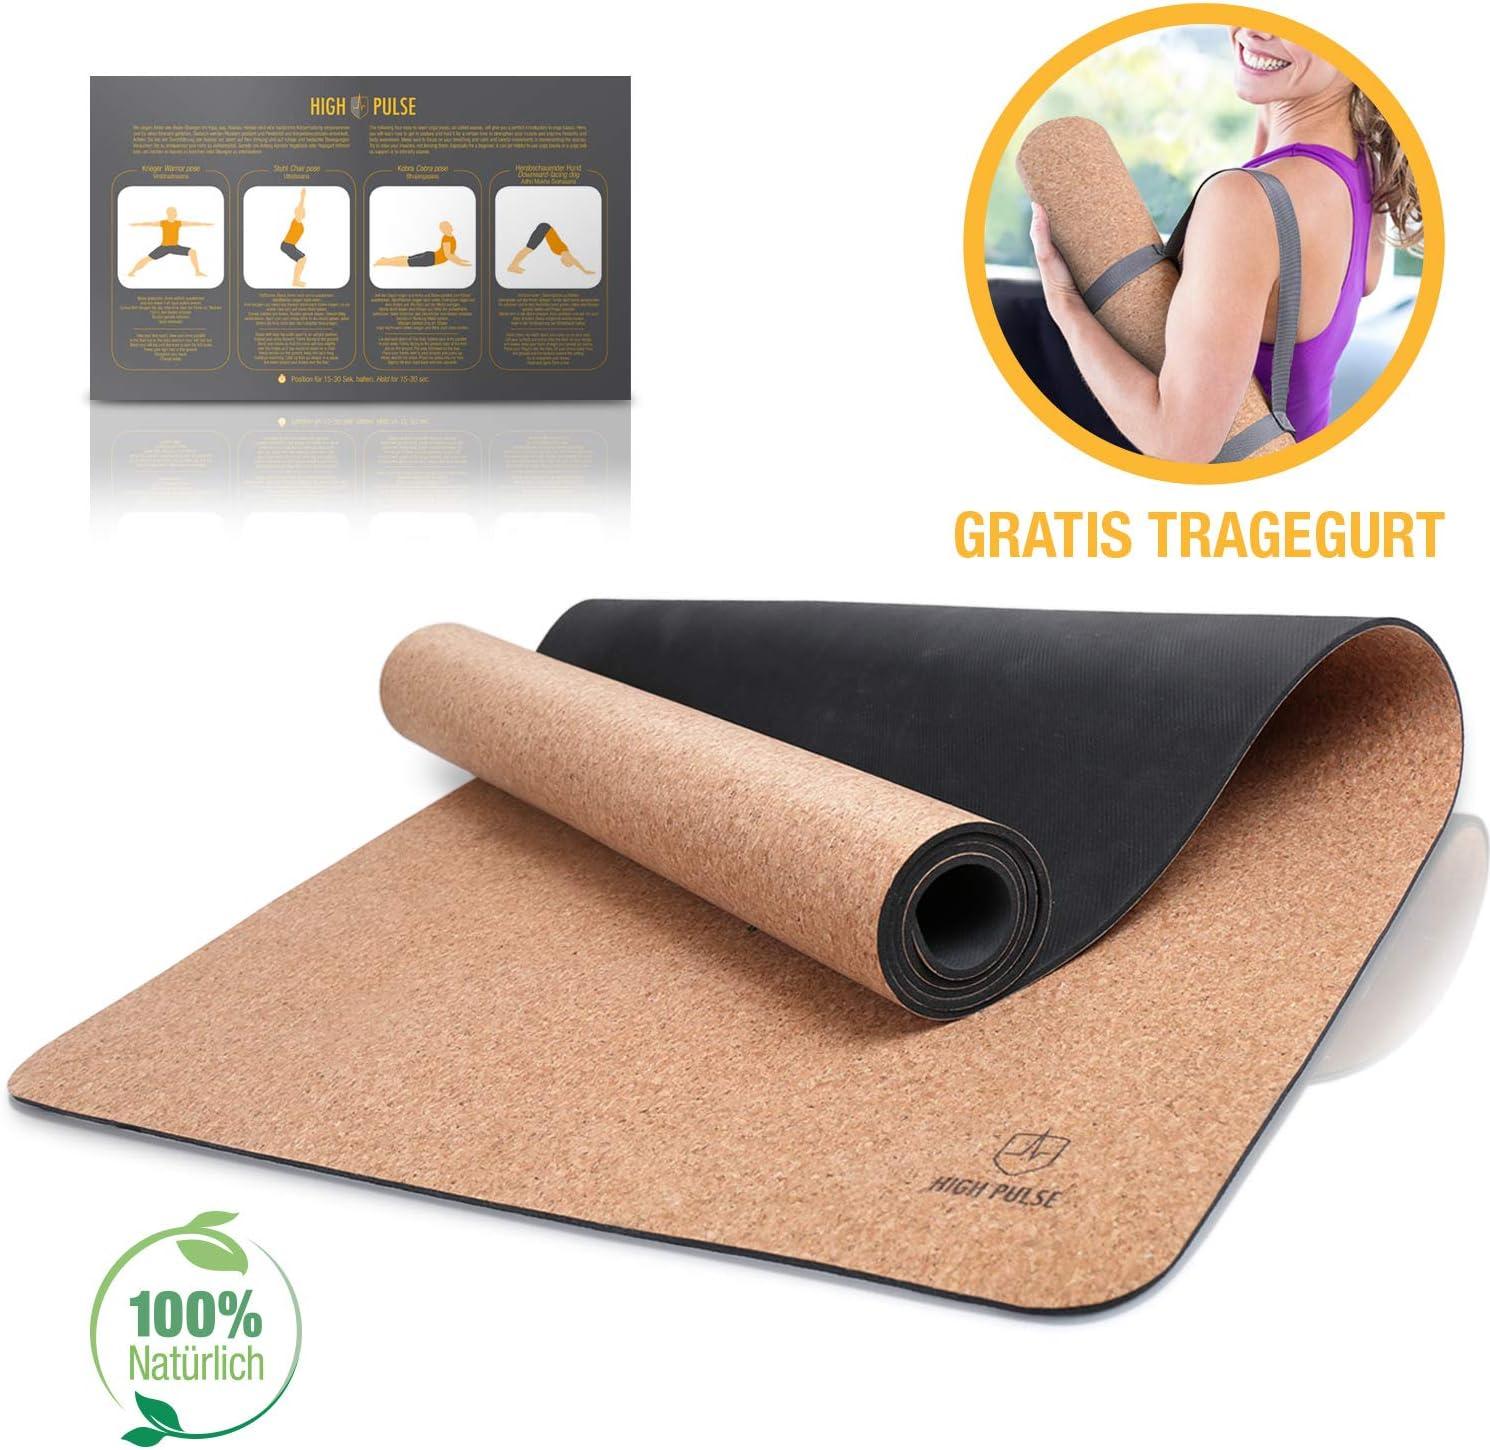 ligera y plegable High Pulse Yoga Mat Con Gu/ías cintur/ón de transporte 100/% sostenible De corcho y goma Extra fina pilates y fitness Esterilla antideslizante para yoga